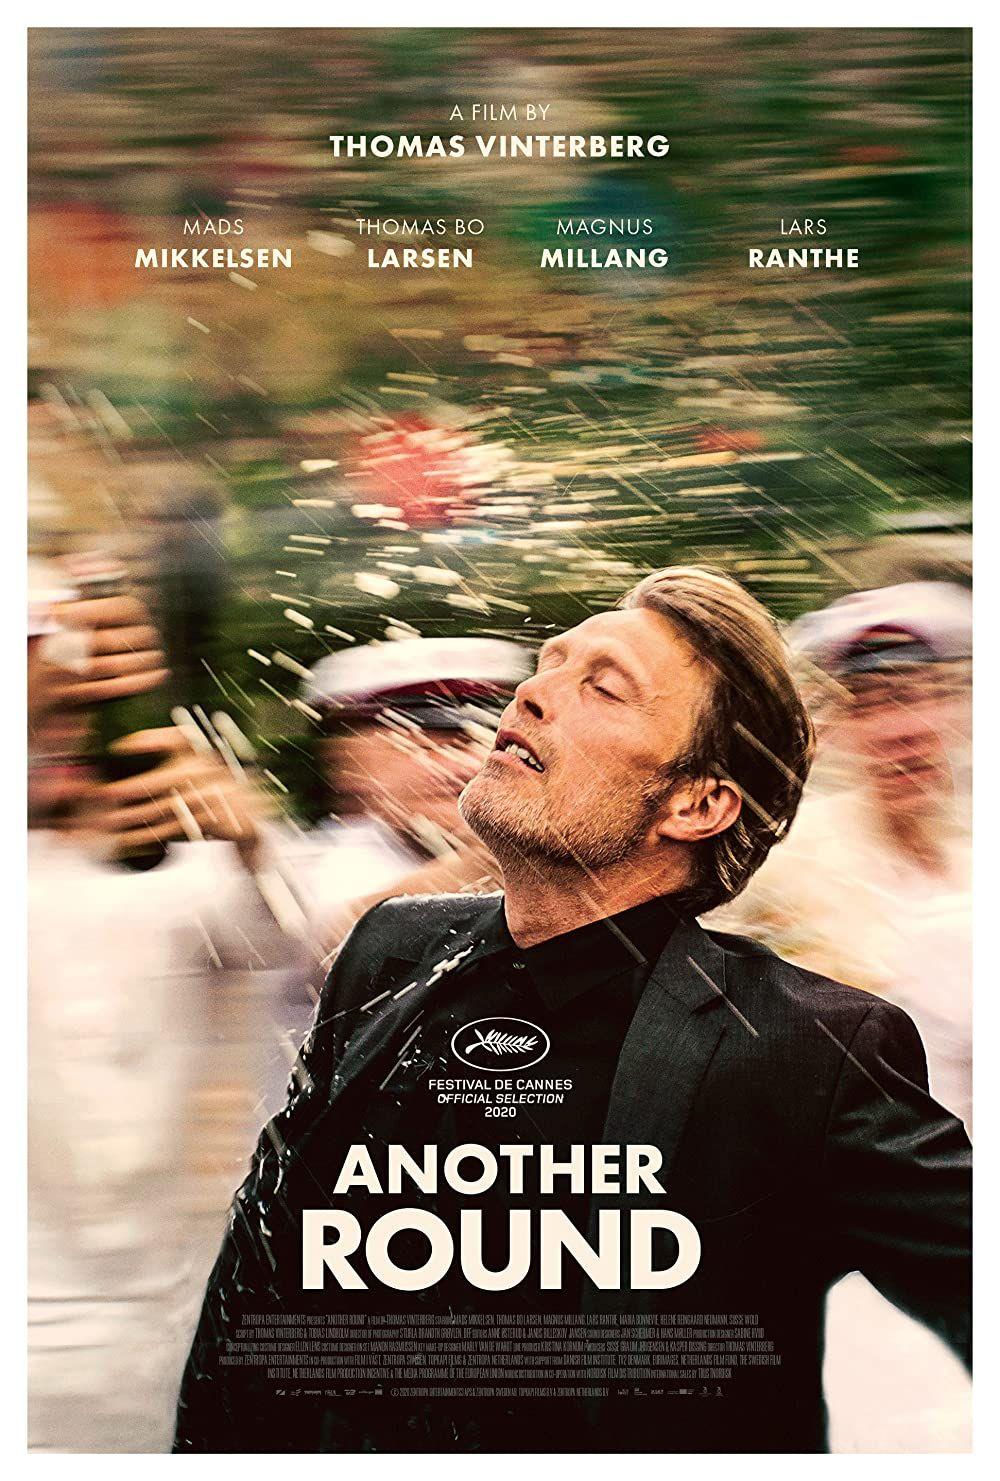 Another Round 2020 Thomas Vinterberg Cinema Movies Film Movie